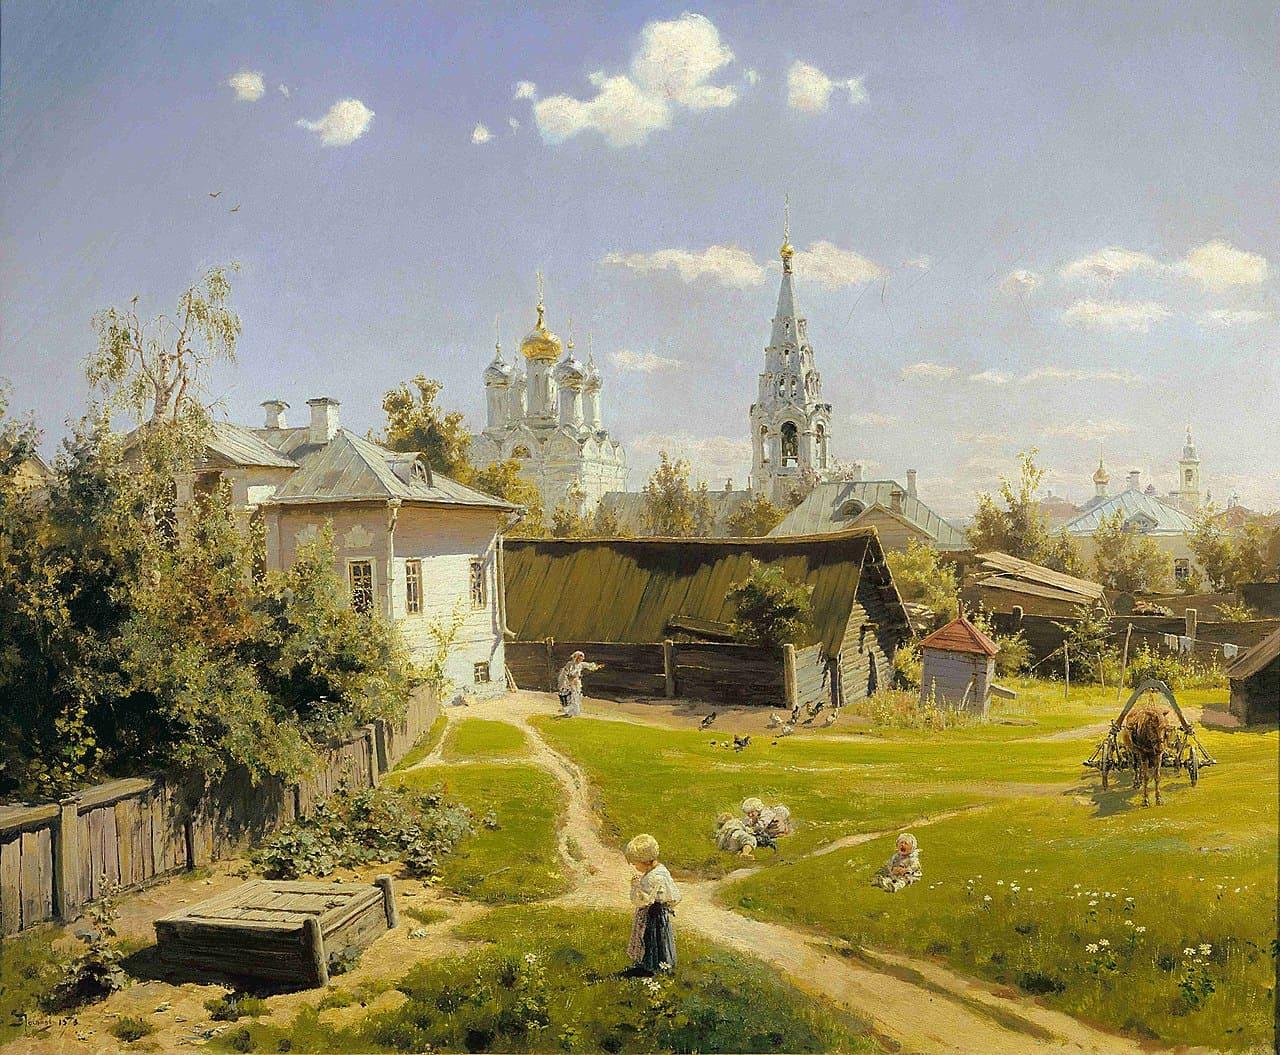 Художник Василий Дмитриевич Поленов (1844 – 1927)